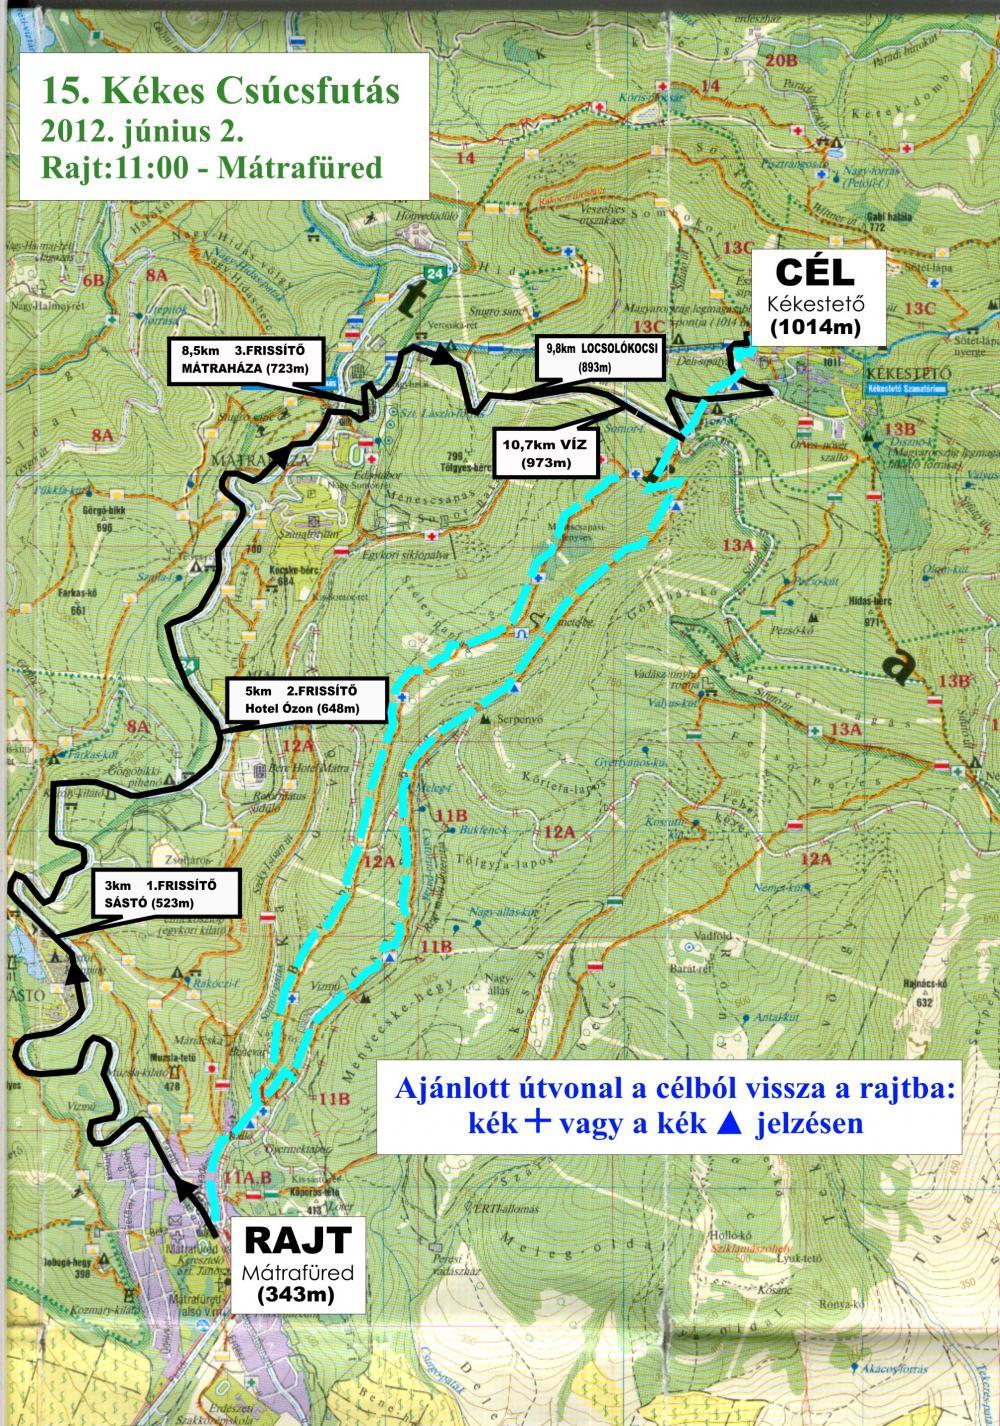 kékestető térkép 14. Kékes Csúcsfutás térkép   Futanet.hu kékestető térkép